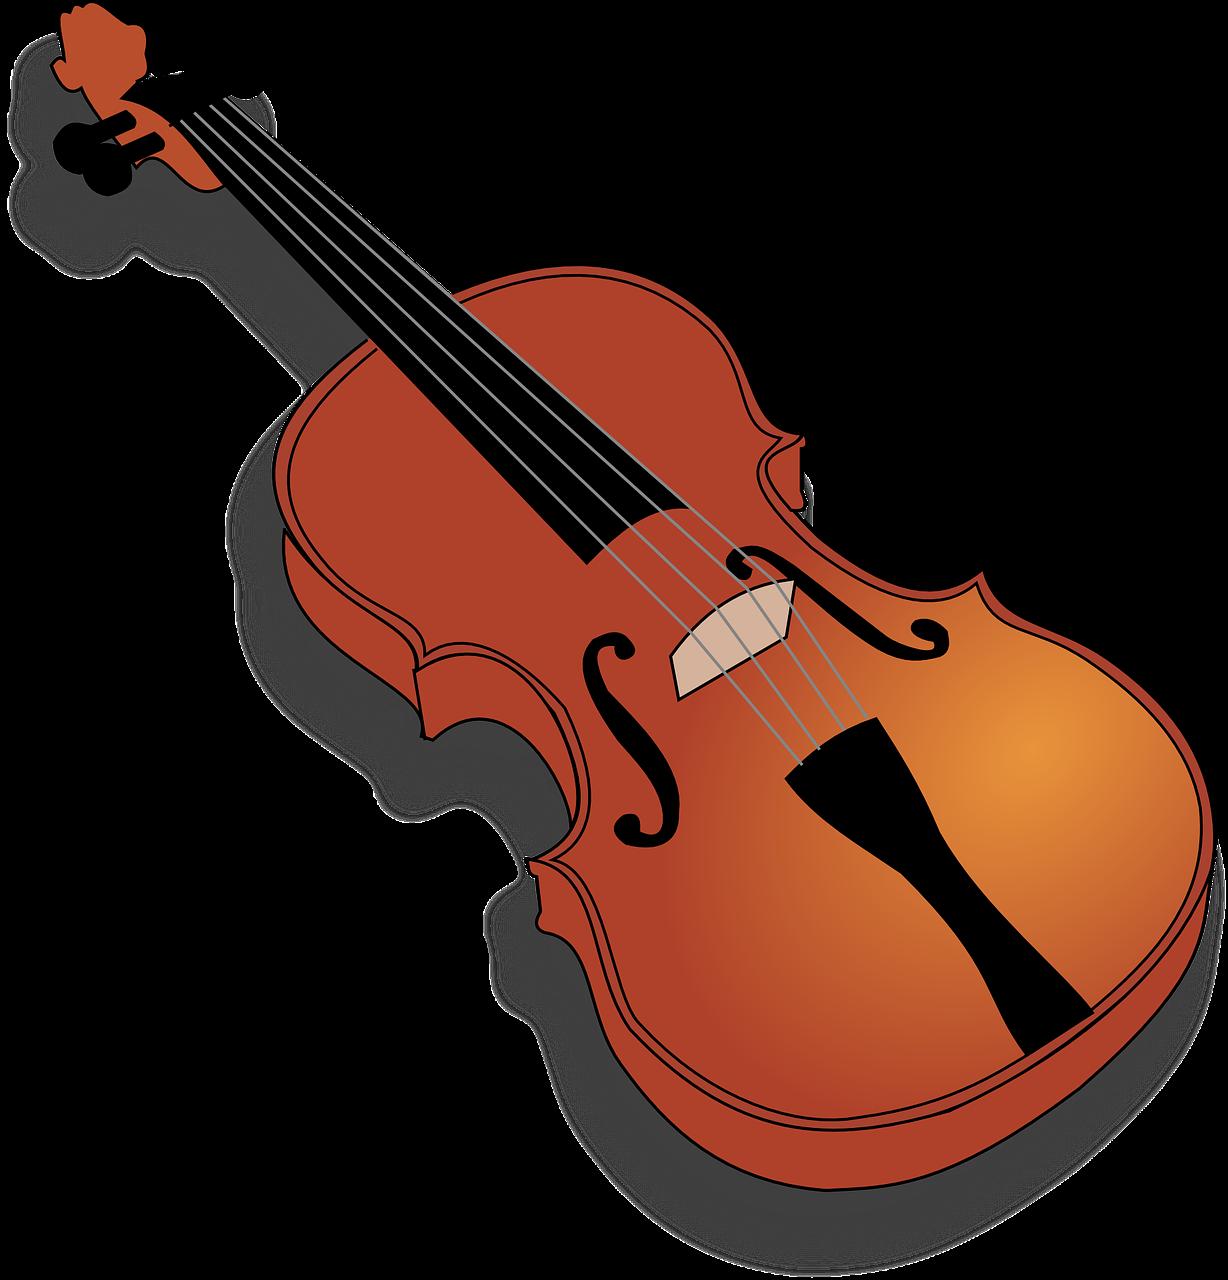 violin-33610_1280